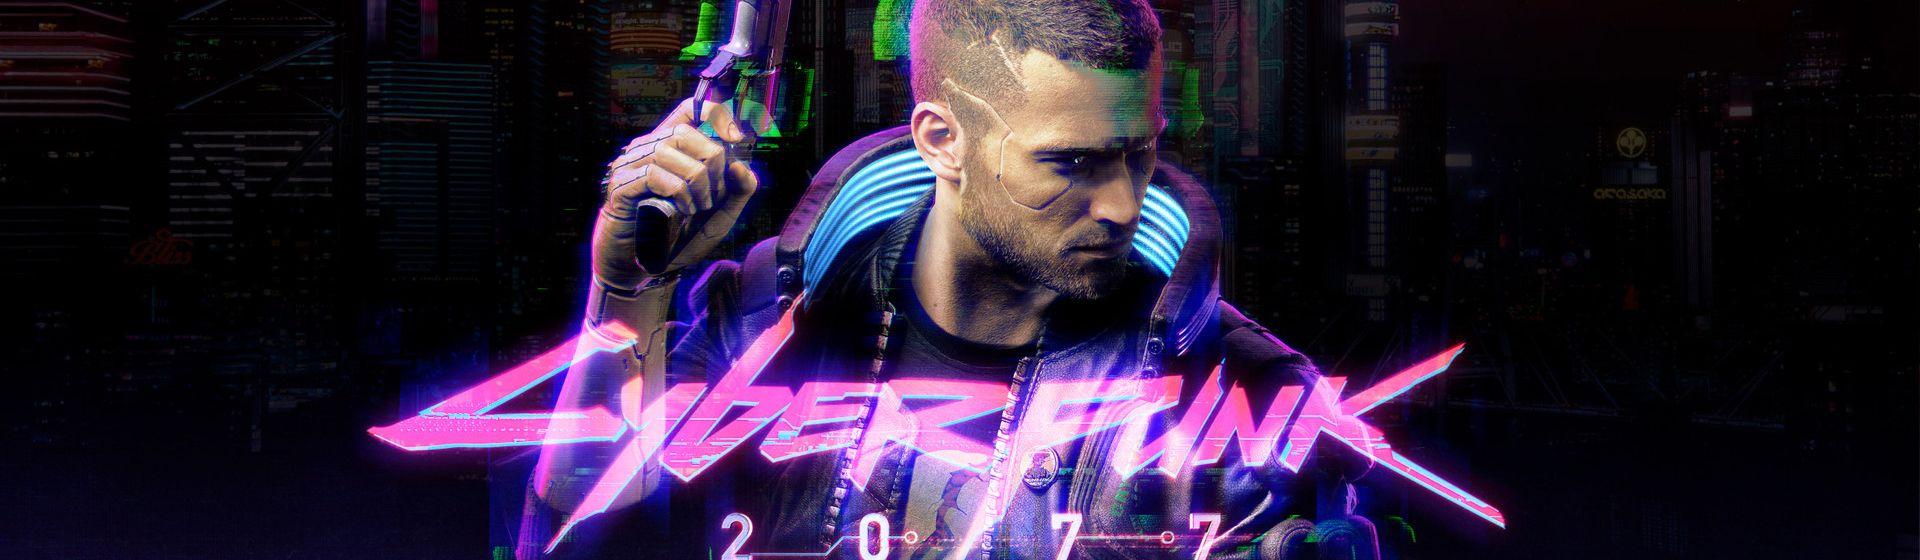 Cyberpunk 2077: requisitos mínimos e recomendados do jogo no PC